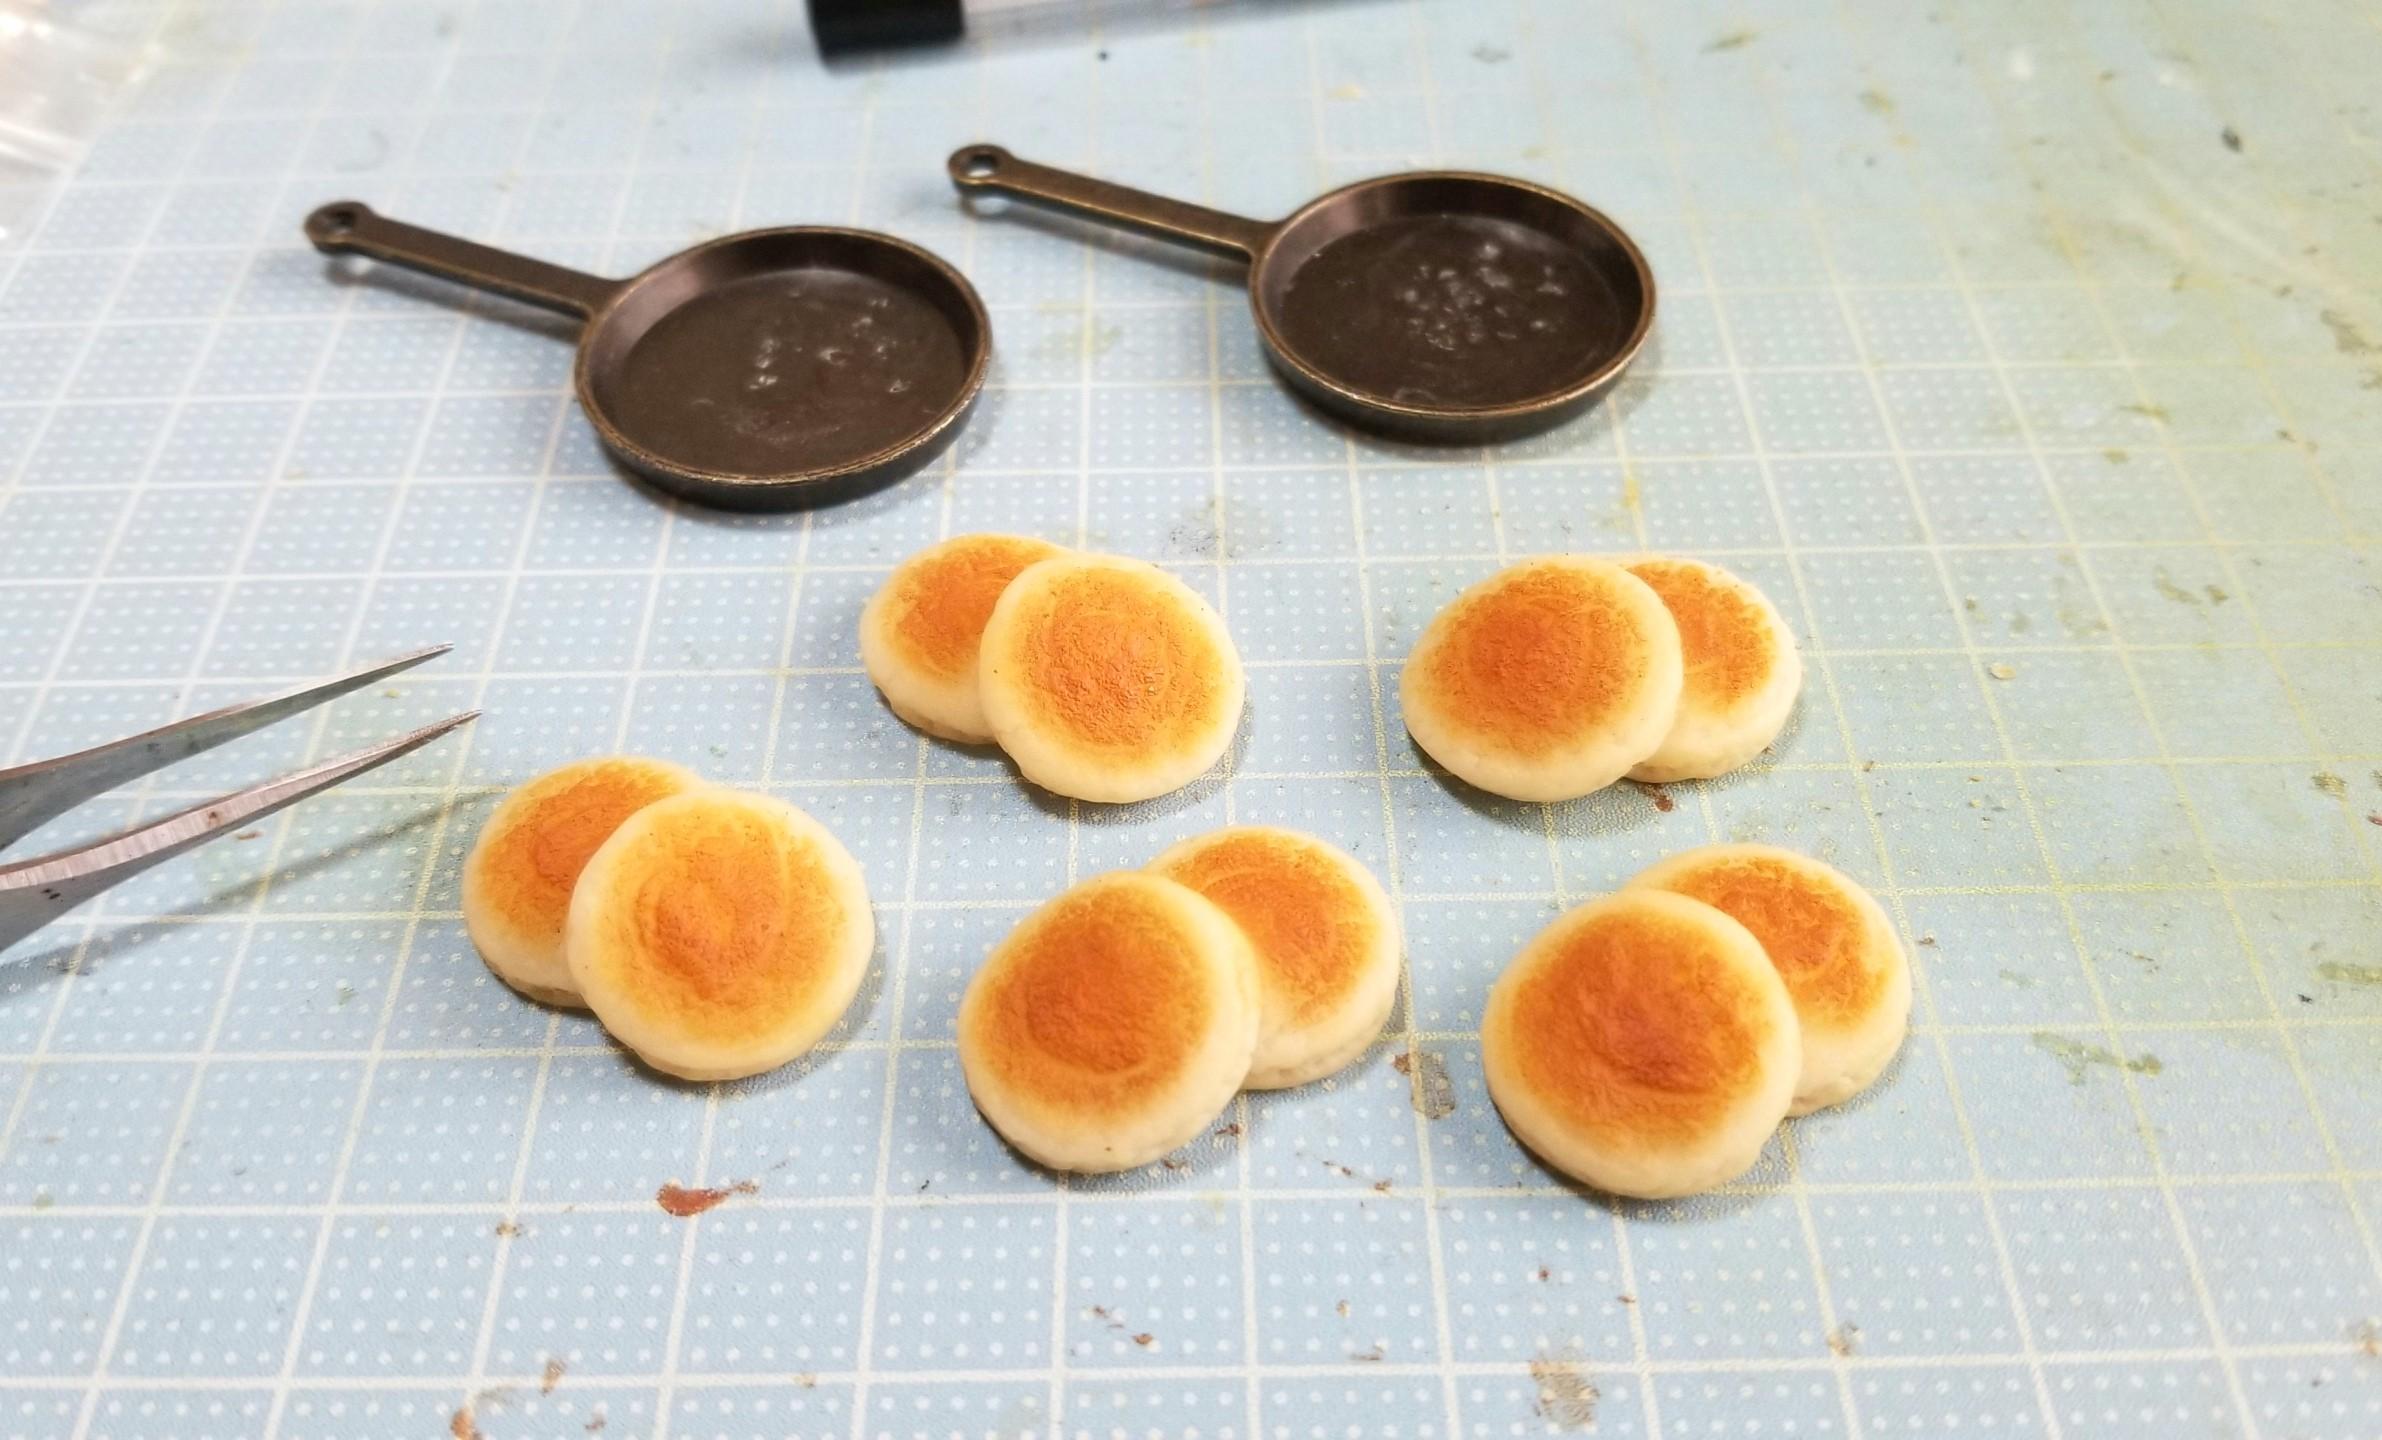 ミニチュアフード,ホットケーキの作り方,樹脂粘土,食品サンプル